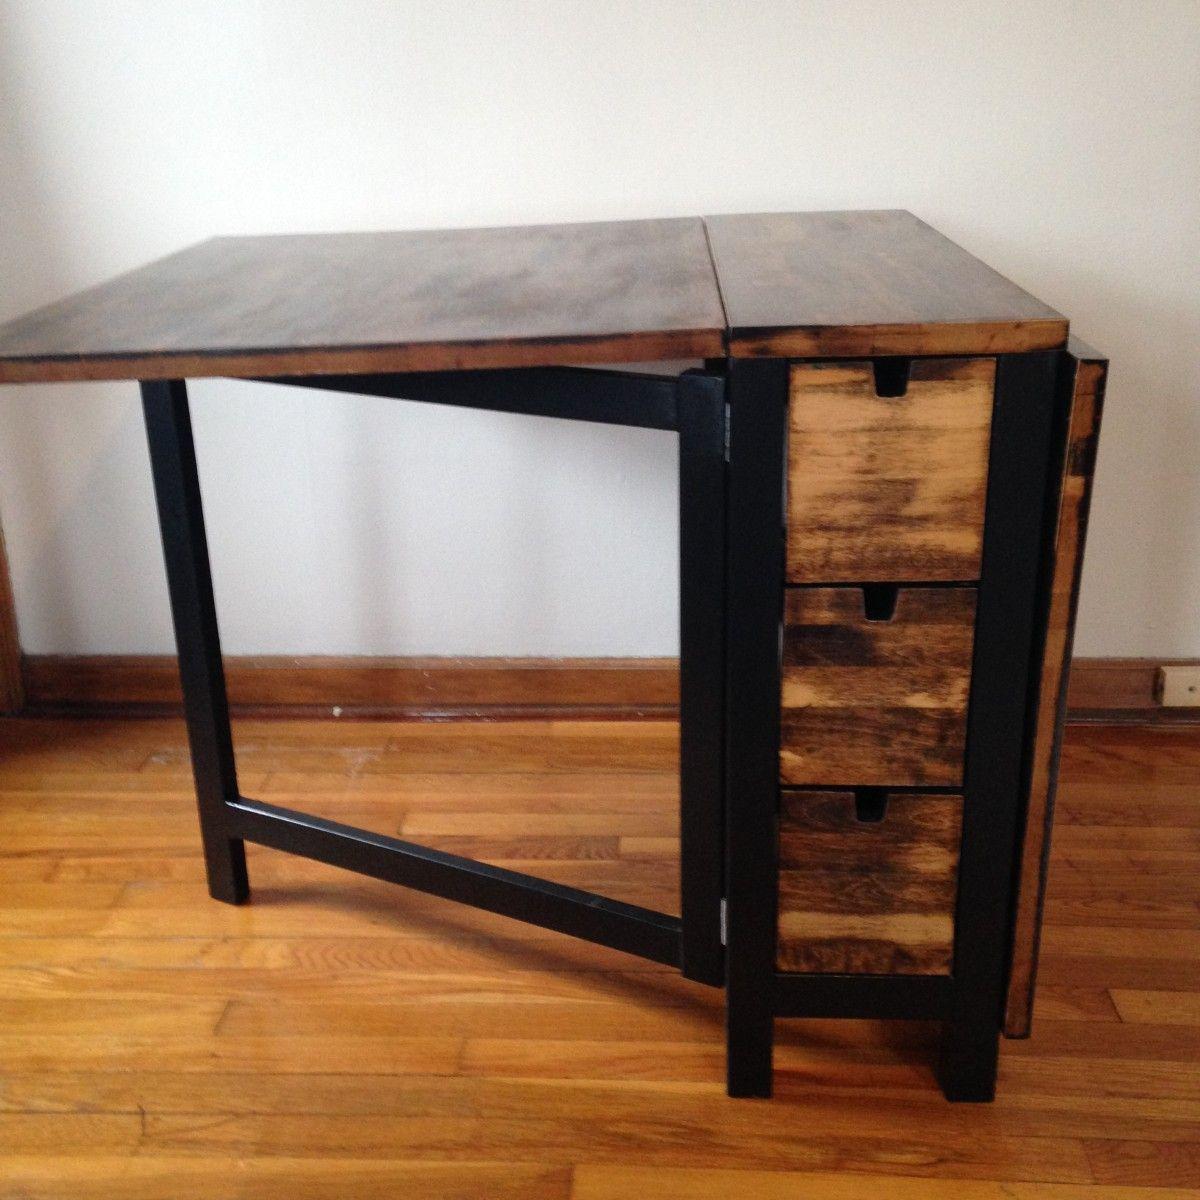 Gateleg Table Ikea Part - 11: IKEA Norden Gateleg Table with dark walnut stain | IKEA Hackers